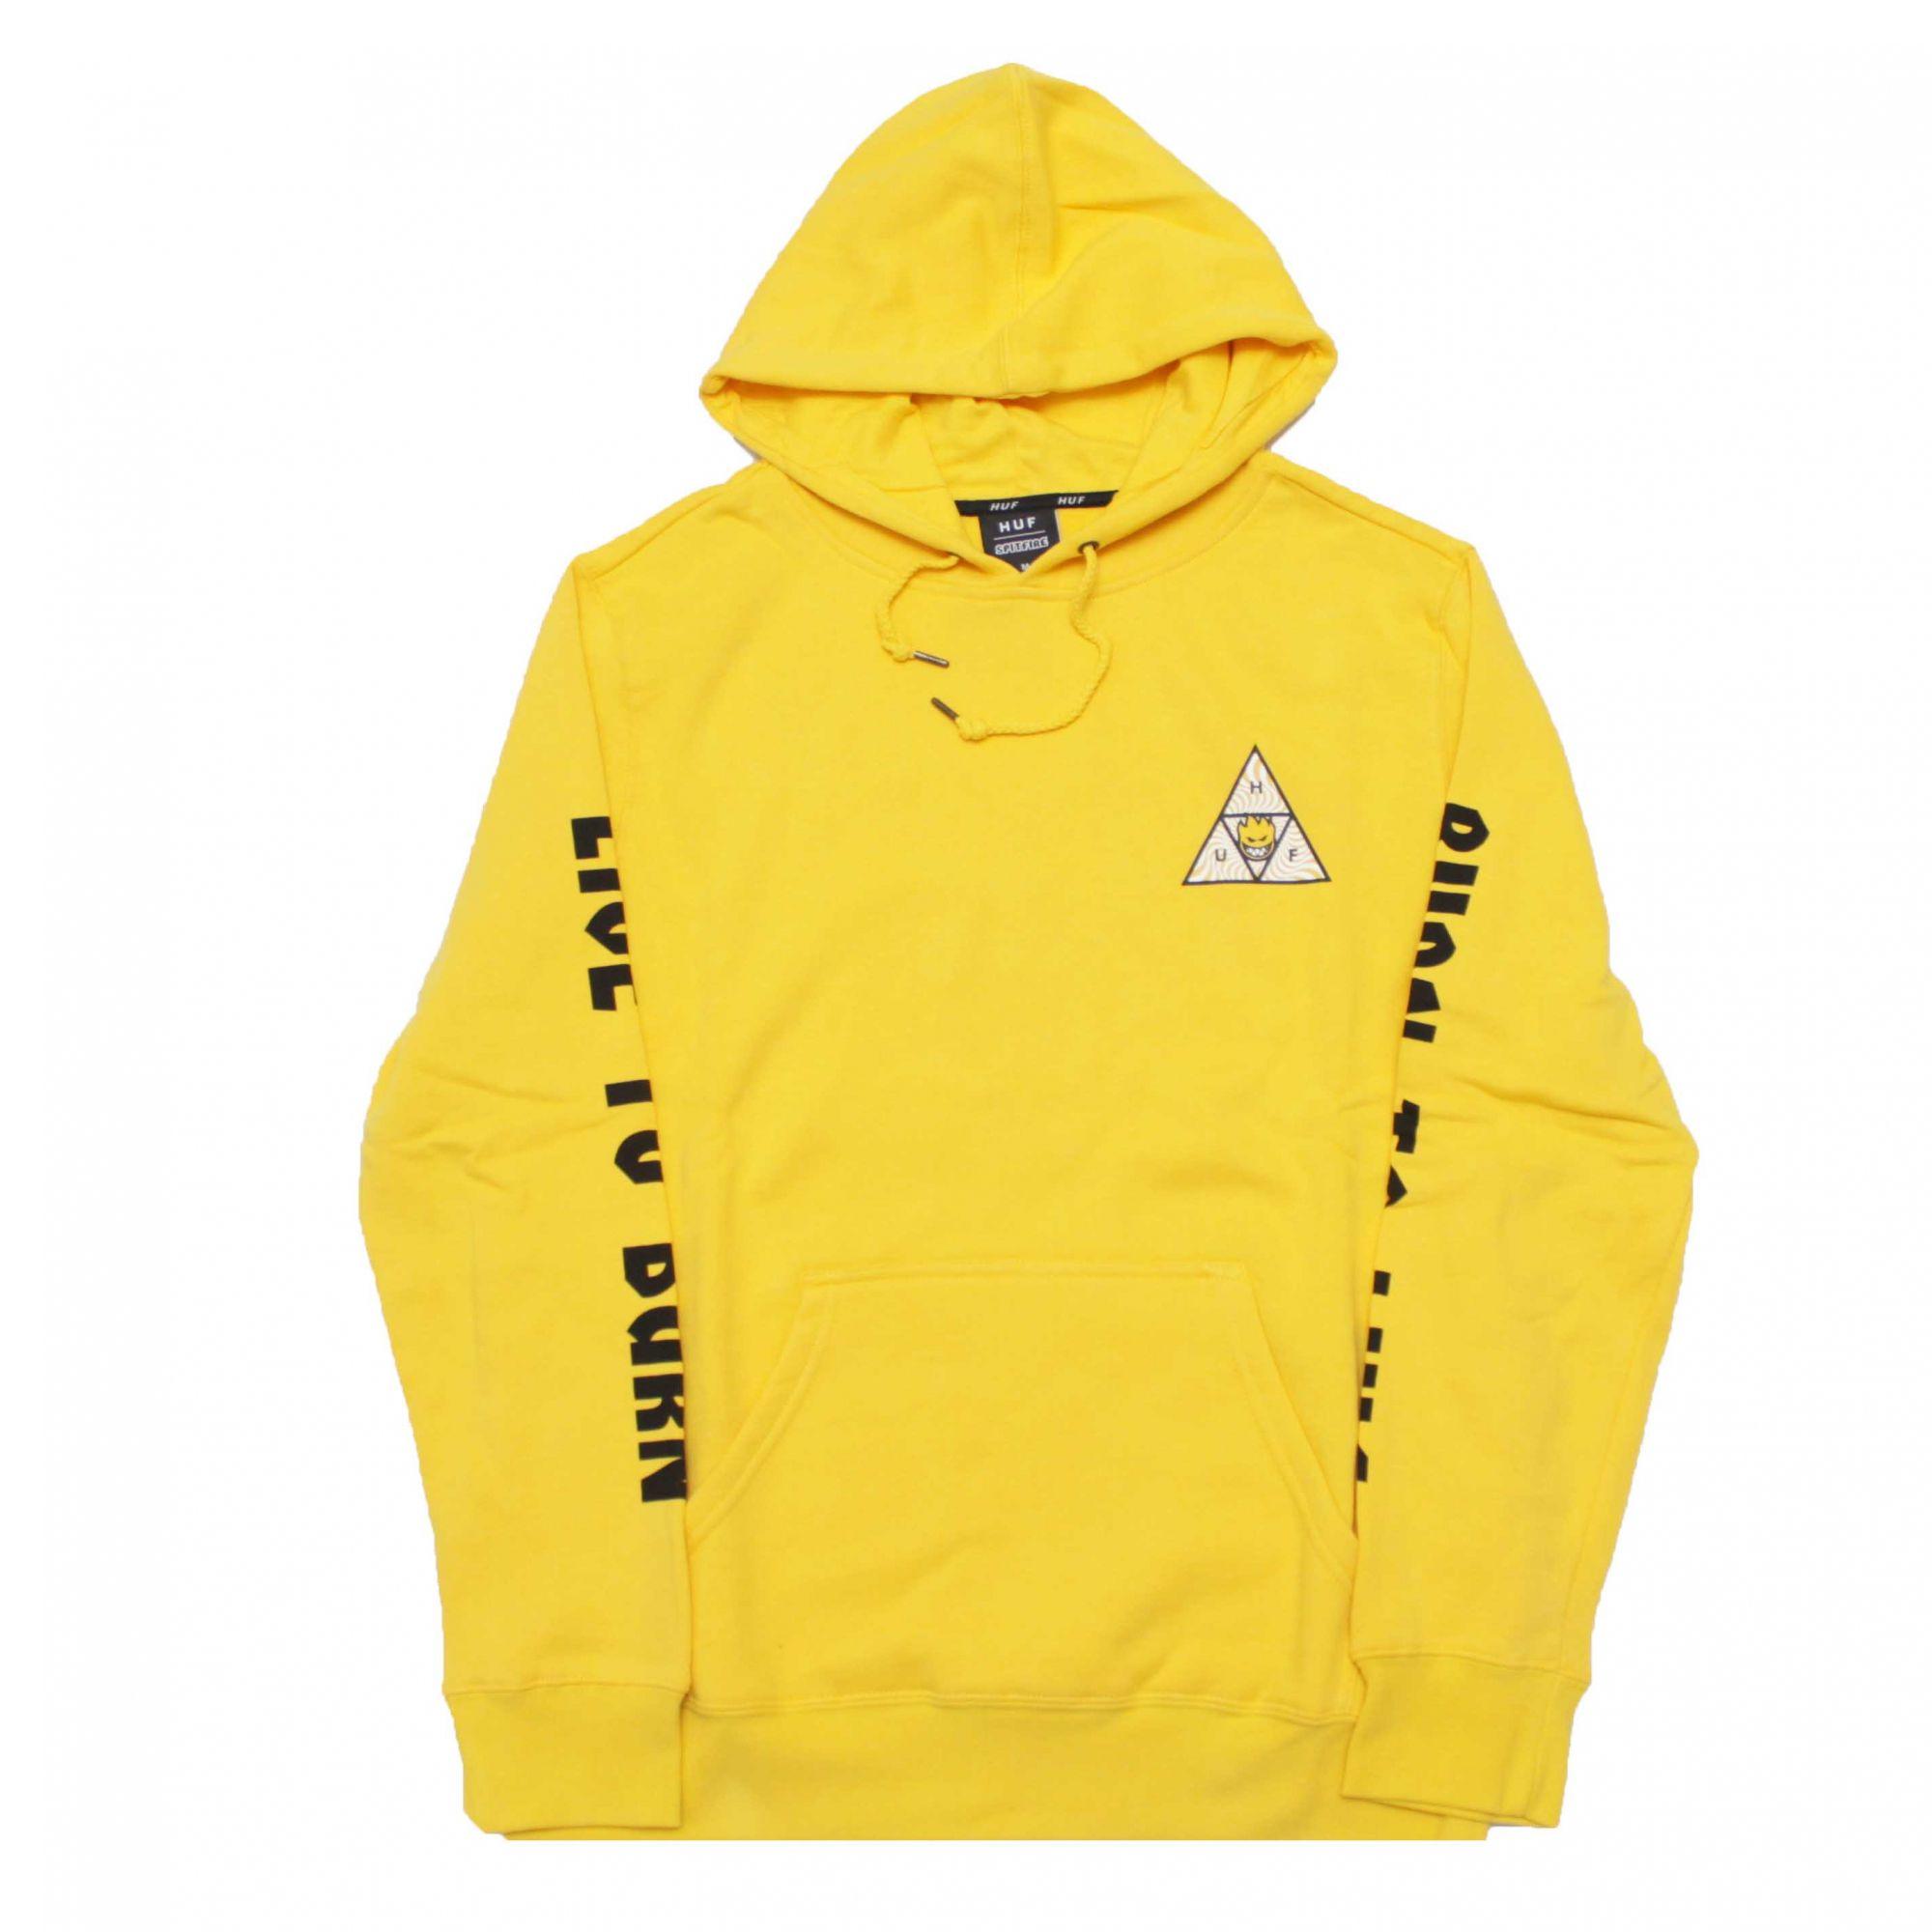 Moletom HUF x Spitfire Triangle Amarelo (Importado)